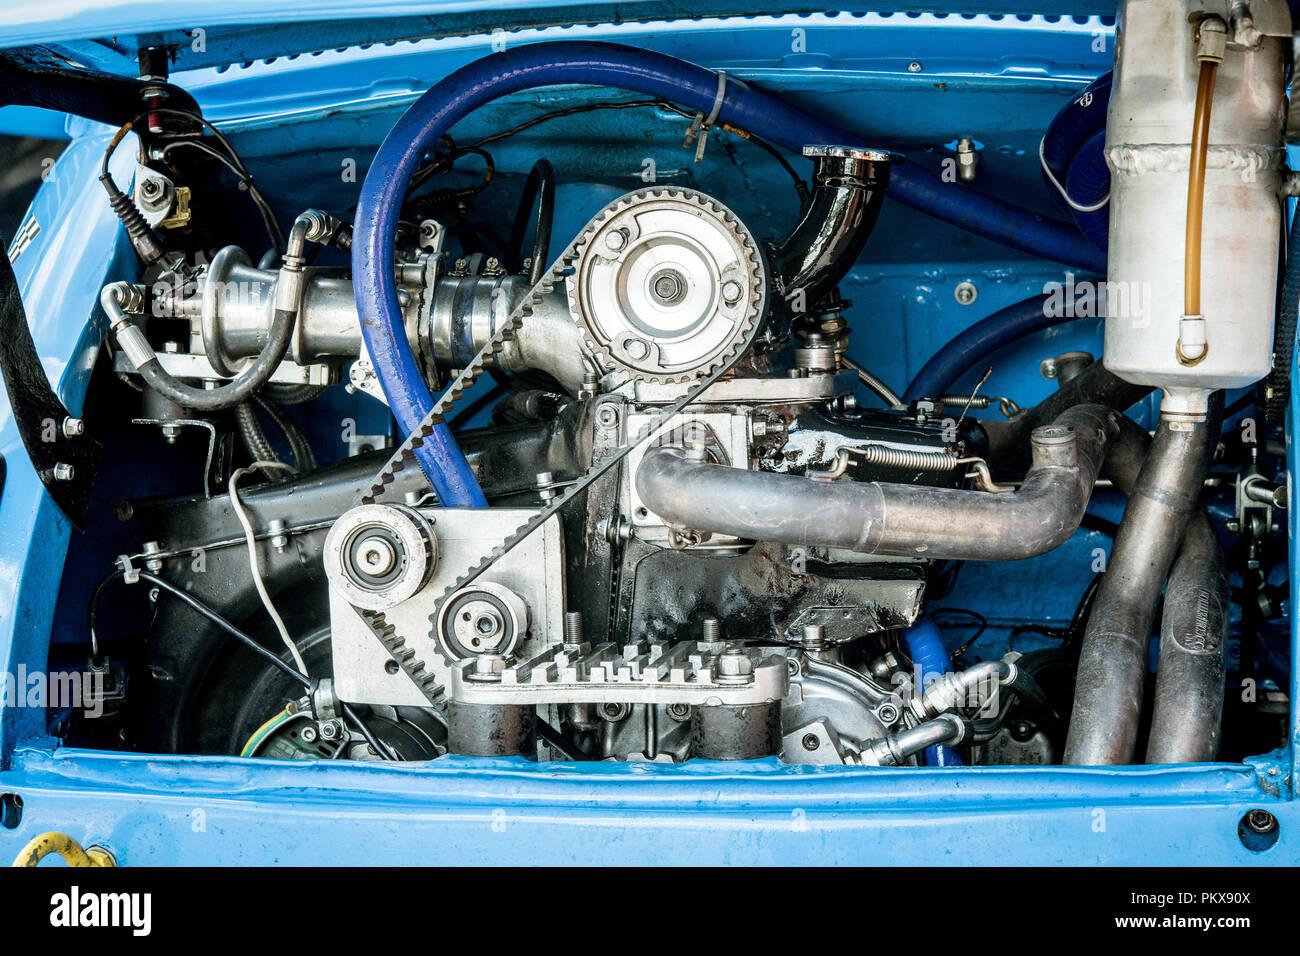 Full Frame del deporte del motor del coche de carreras de dos cilindros del motor con transmisión bel y ruedas dentadas, limpio y brillante Imagen De Stock